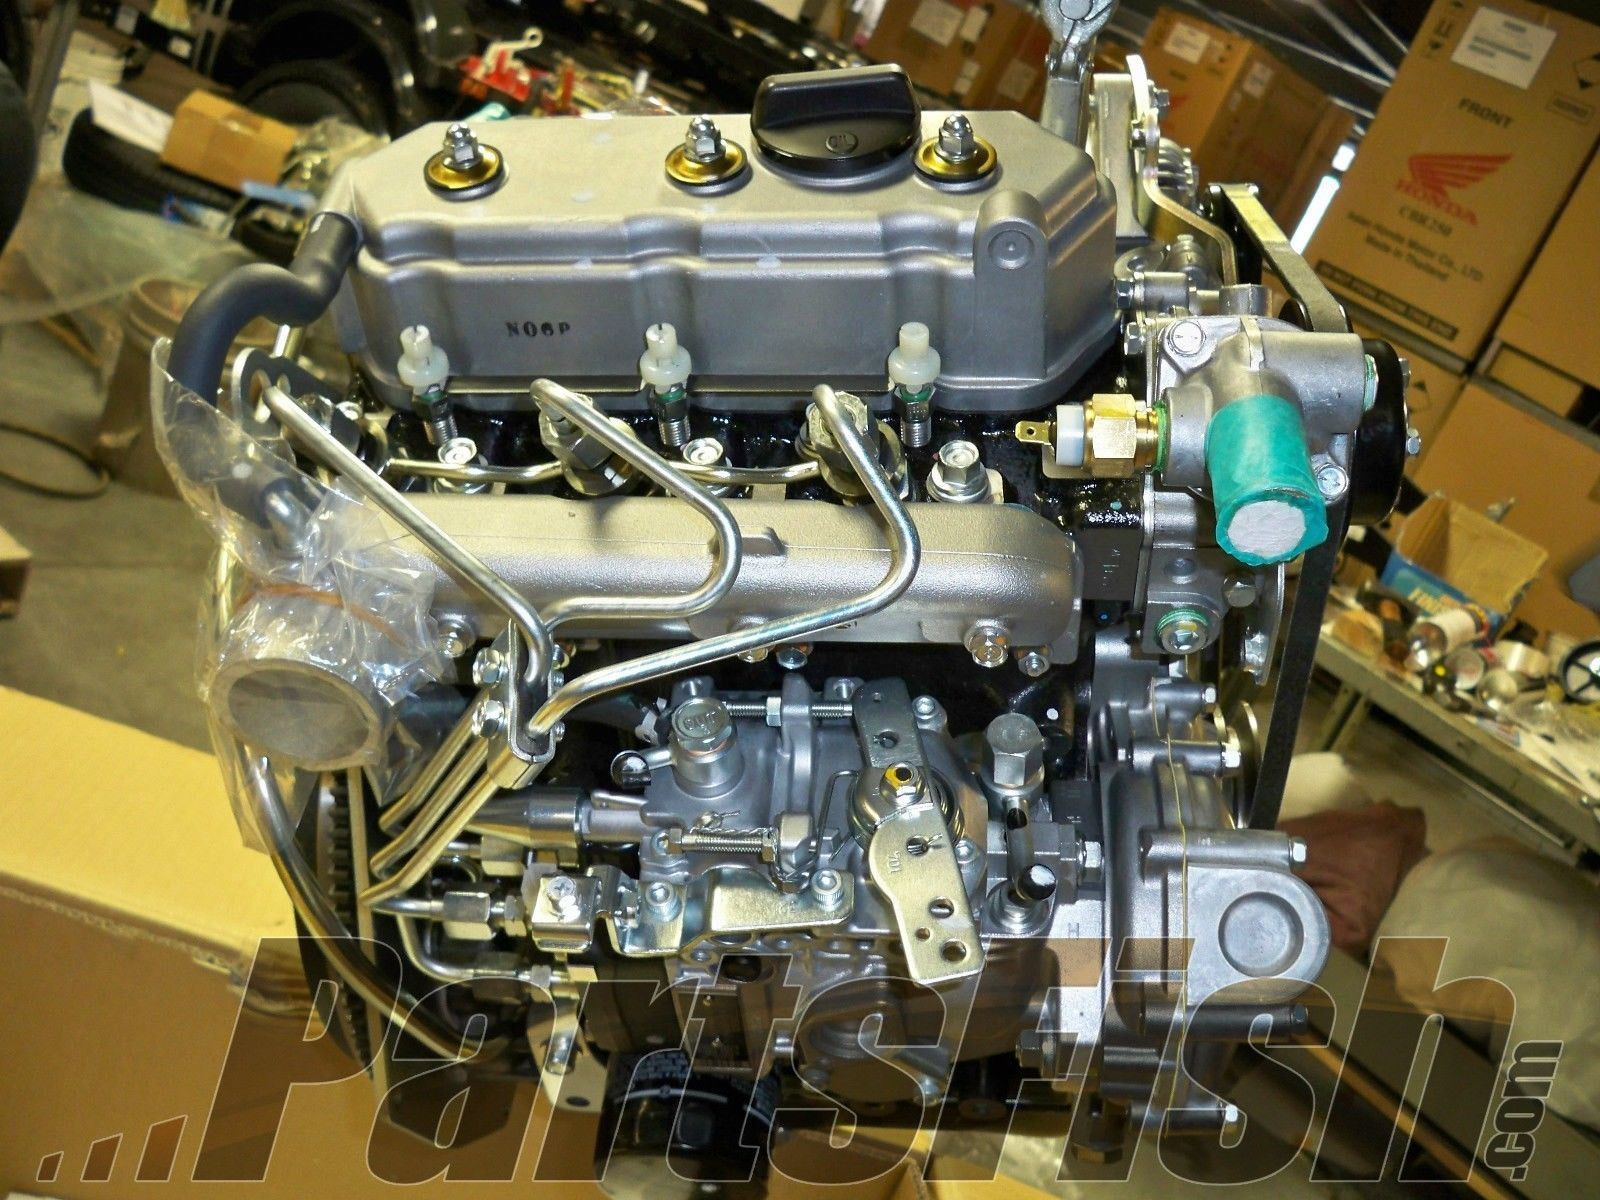 kawasaki mule engine kaf950 4010 3010 diesel motor 2008 13 59341